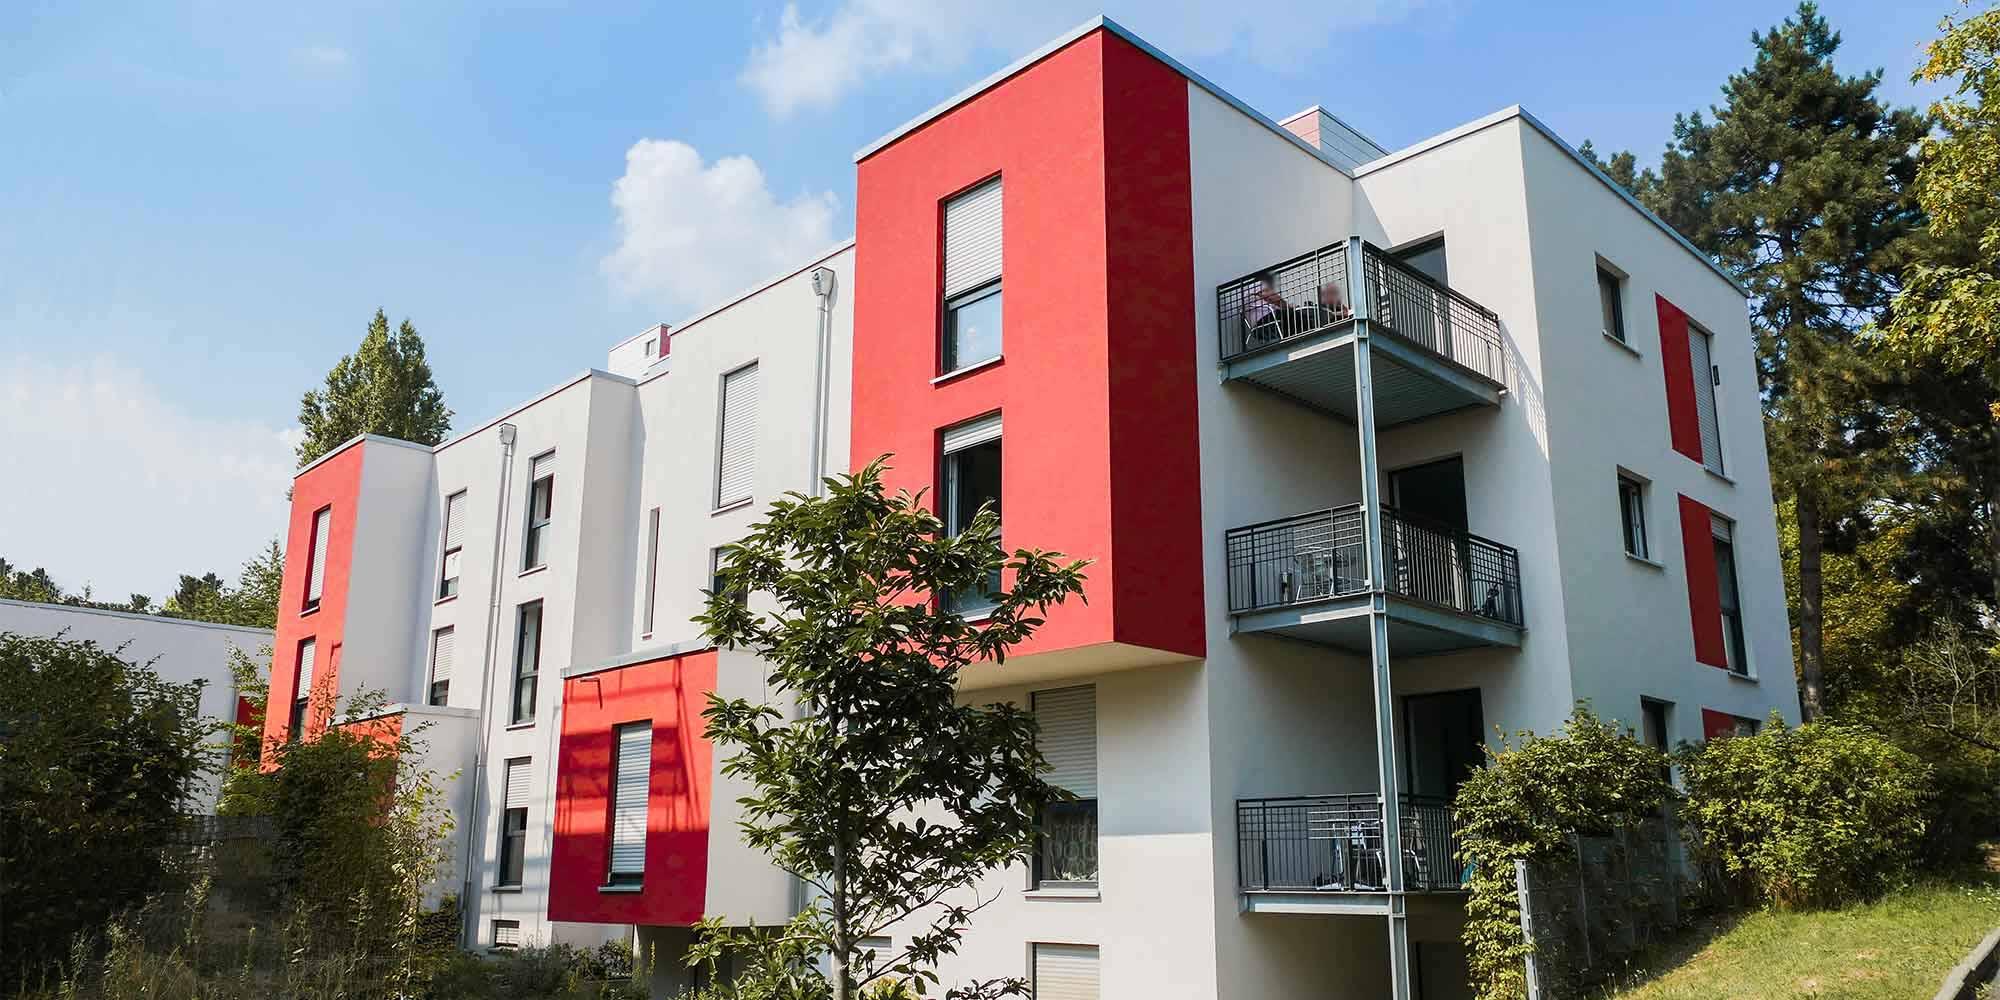 bauunternehmen_wingenfeld_gmbh_fulda_bauen_mfwh_frankfurt_mehrfamilienwohnhaus_rohbau_rhein_main